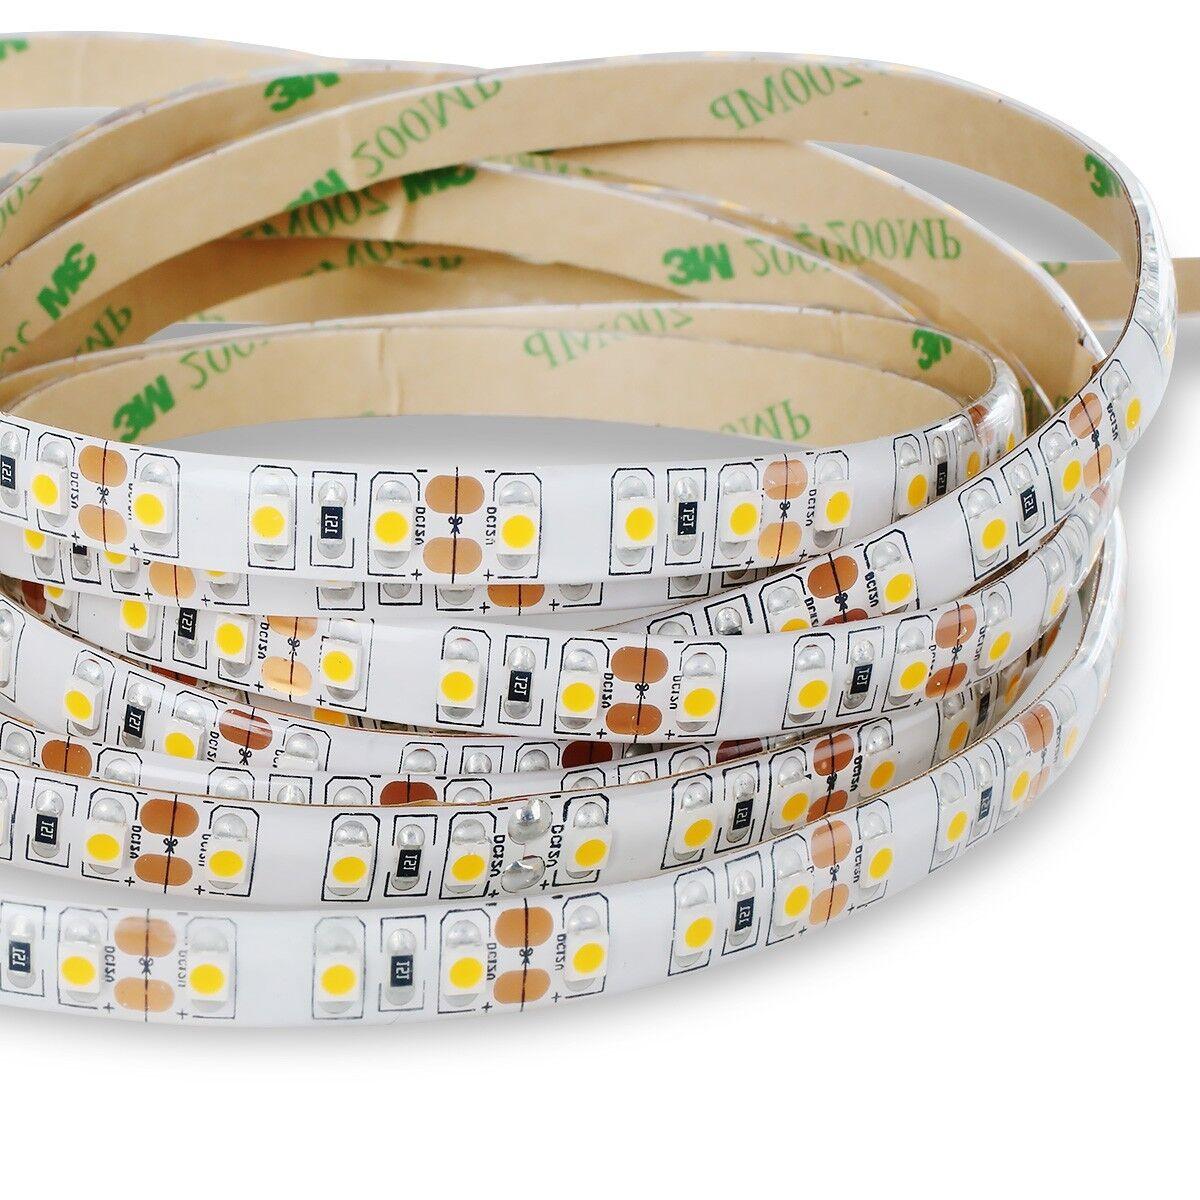 LED Strip 3528 Kaltweiß Kaltweiß Kaltweiß (6000k) 48W 500CM 12V IP44 | Bekannt für seine hervorragende Qualität  3ec1f5